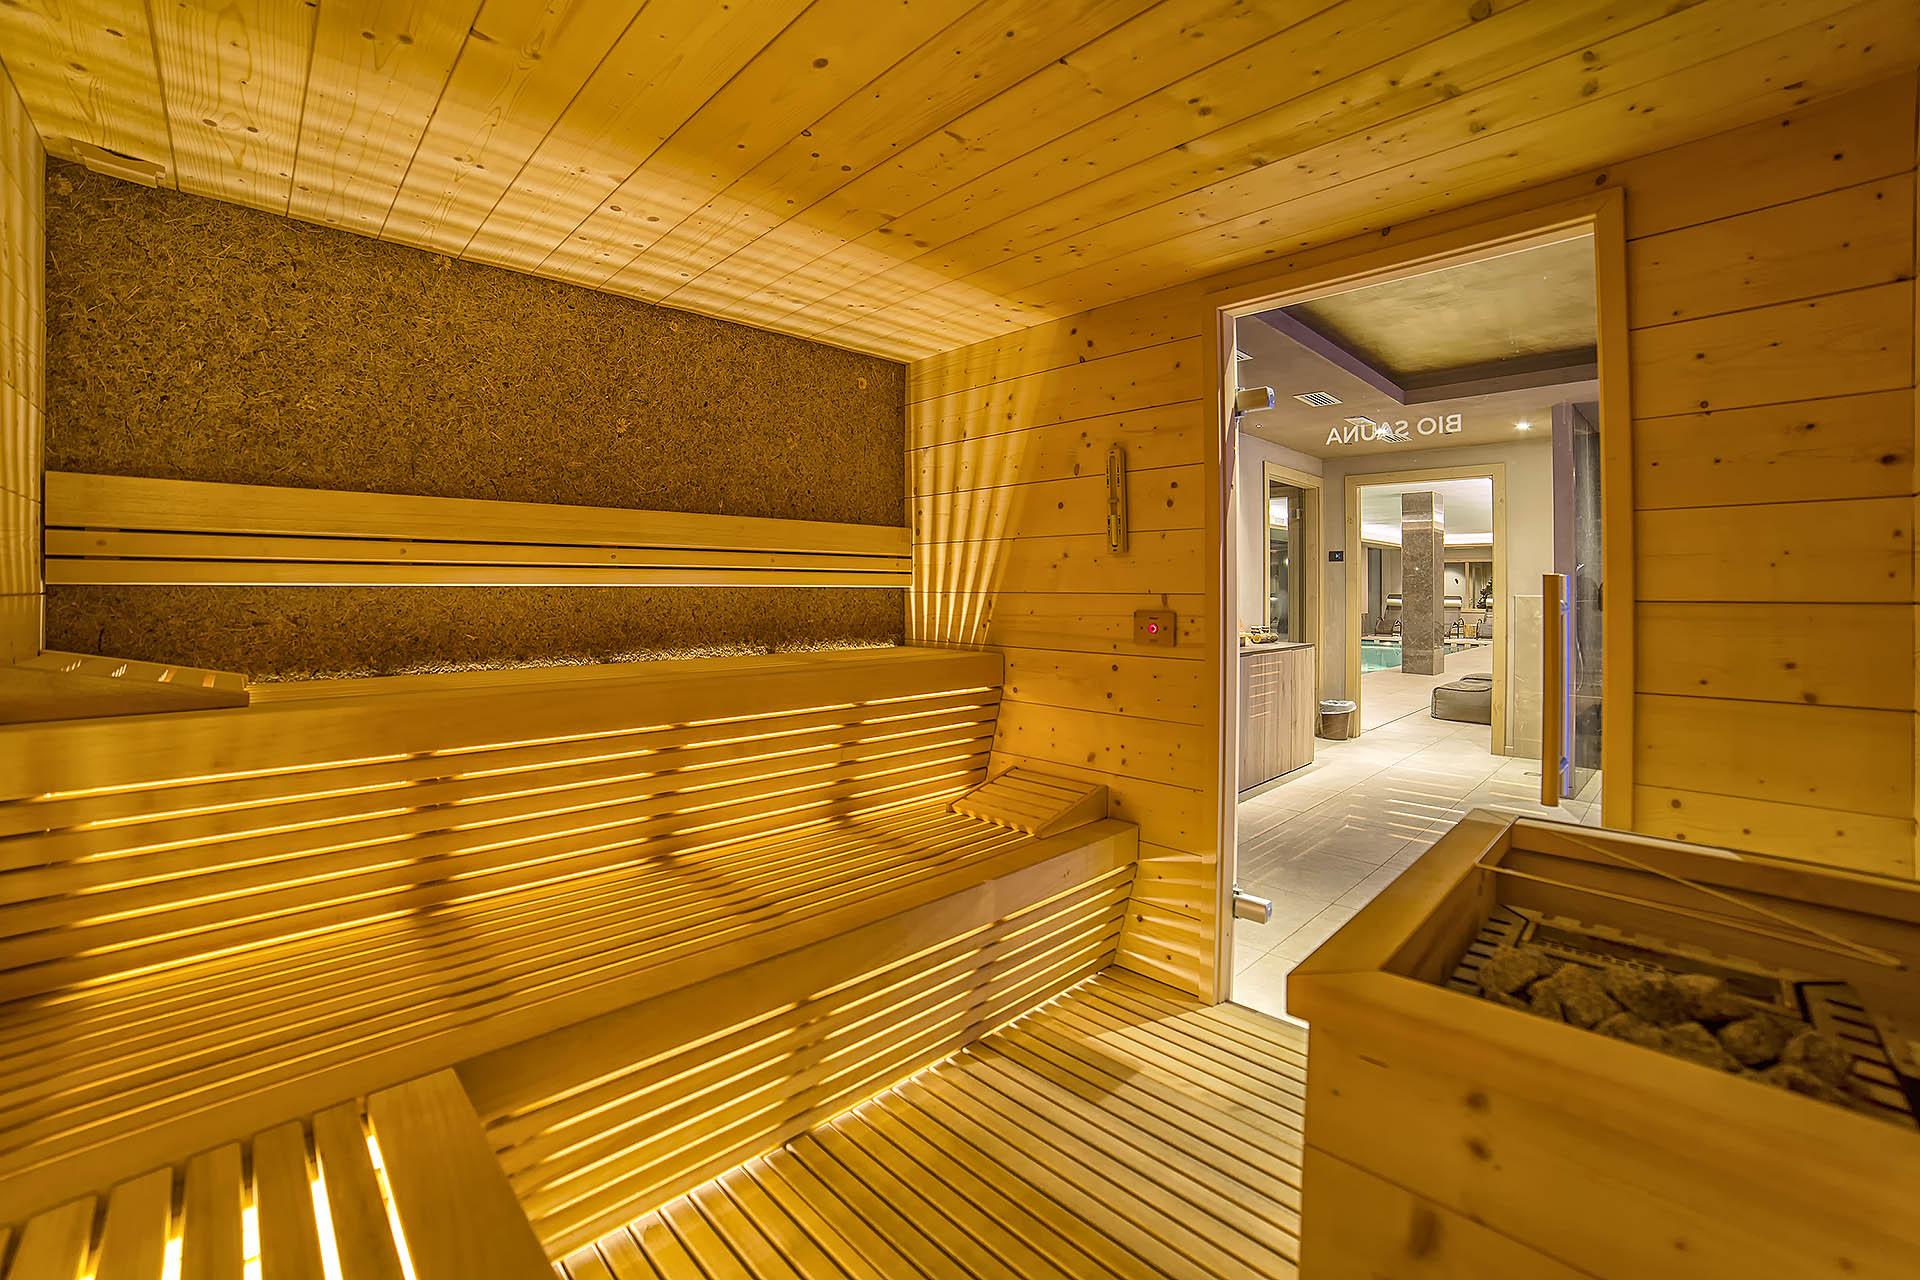 BIO SAUNA<br /> ACTIVE HOTEL FRANCESIN - LIVIGNO